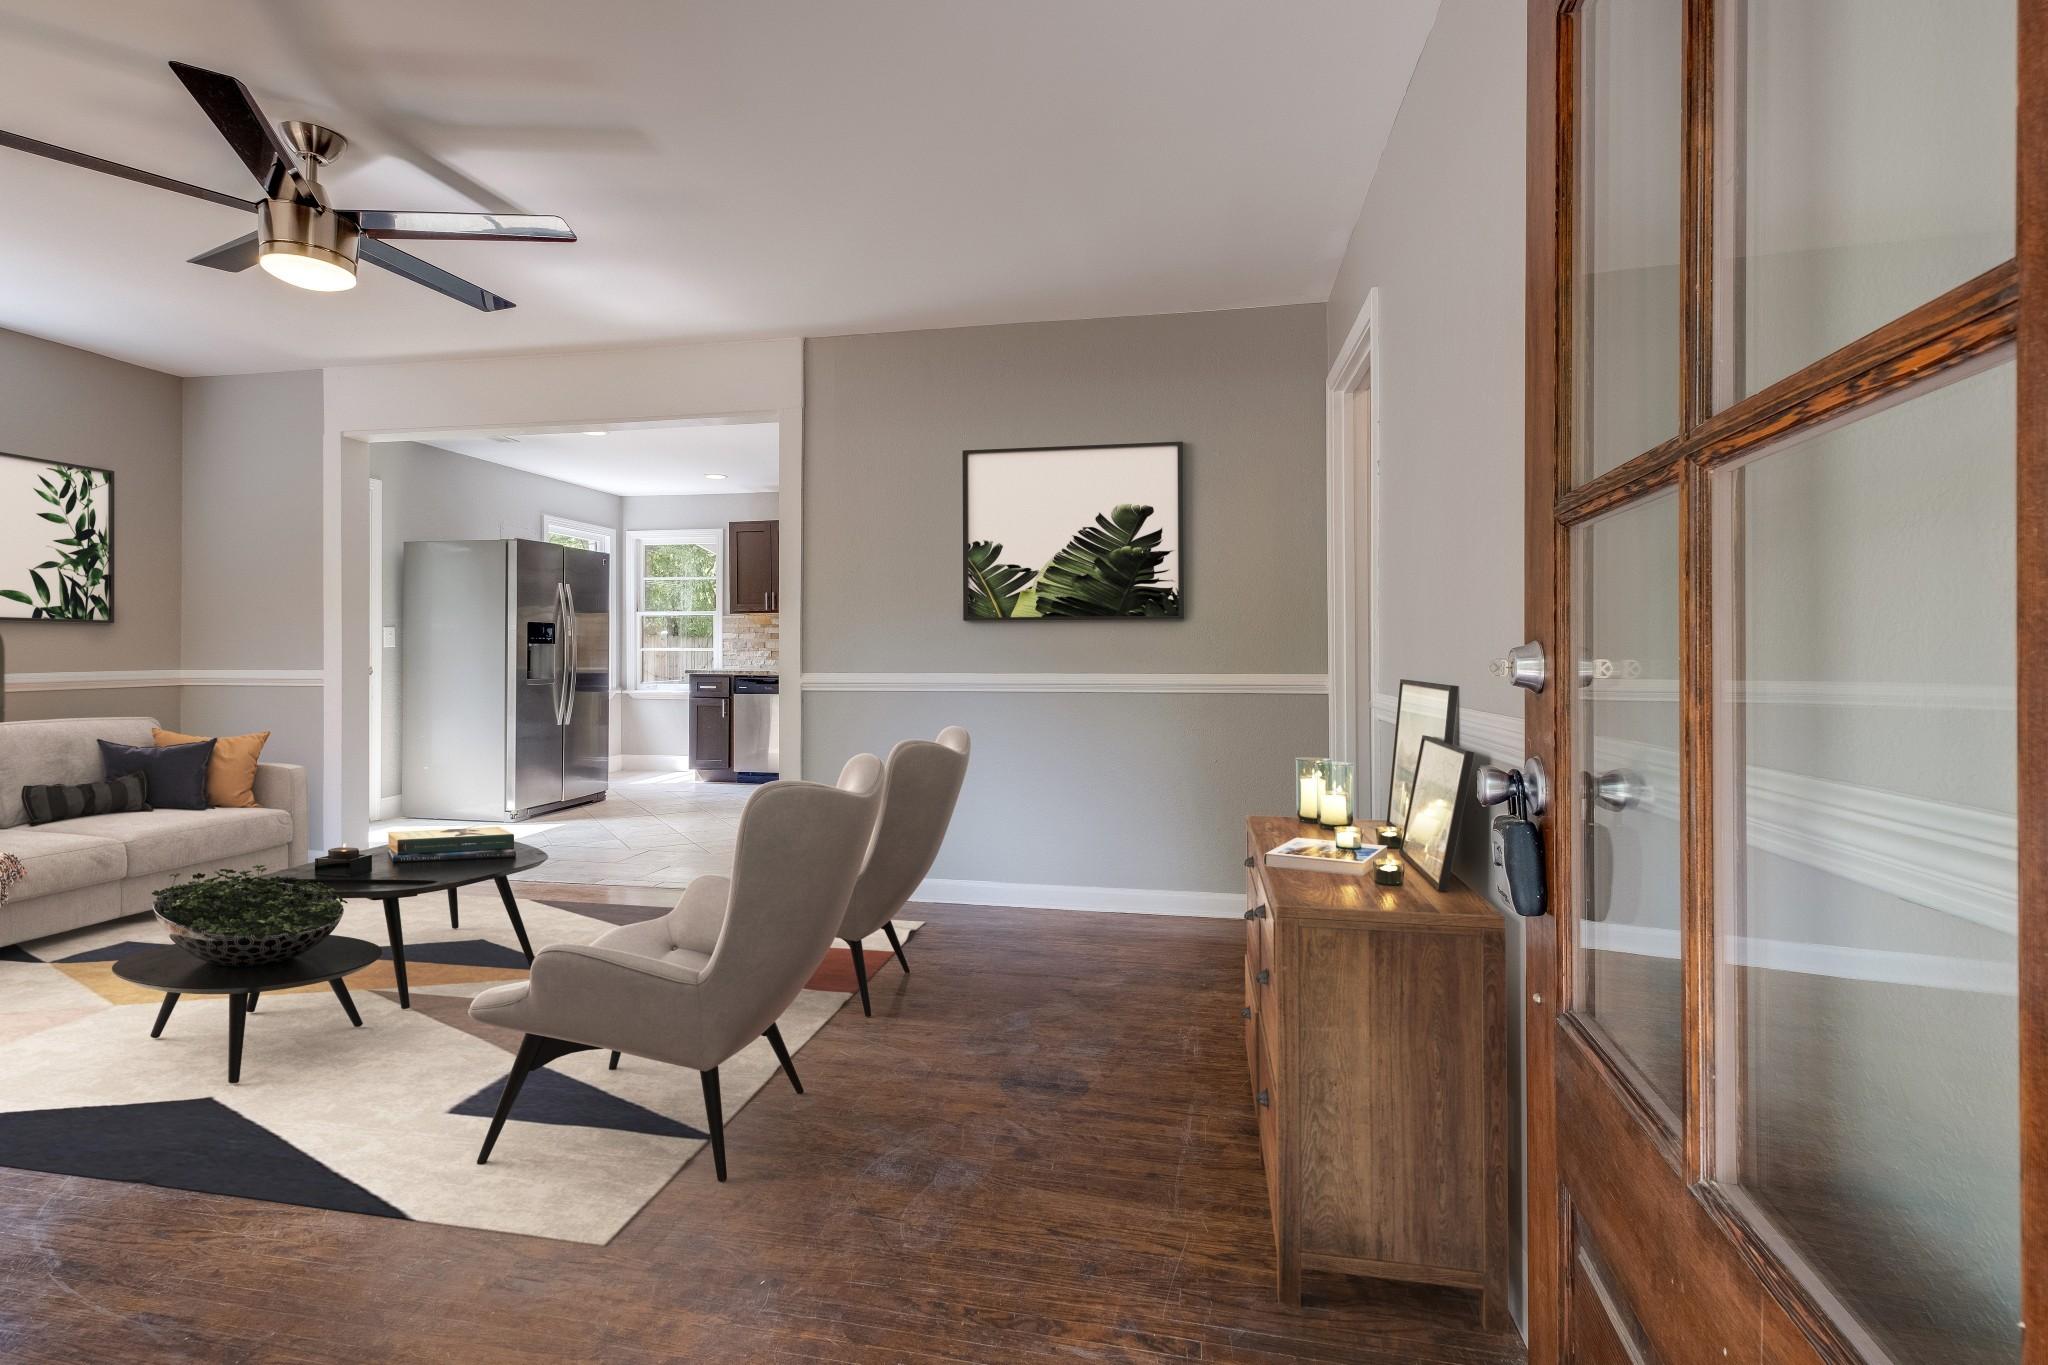 3609 Sabre Dr, Nashville, TN 37211 - Nashville, TN real estate listing